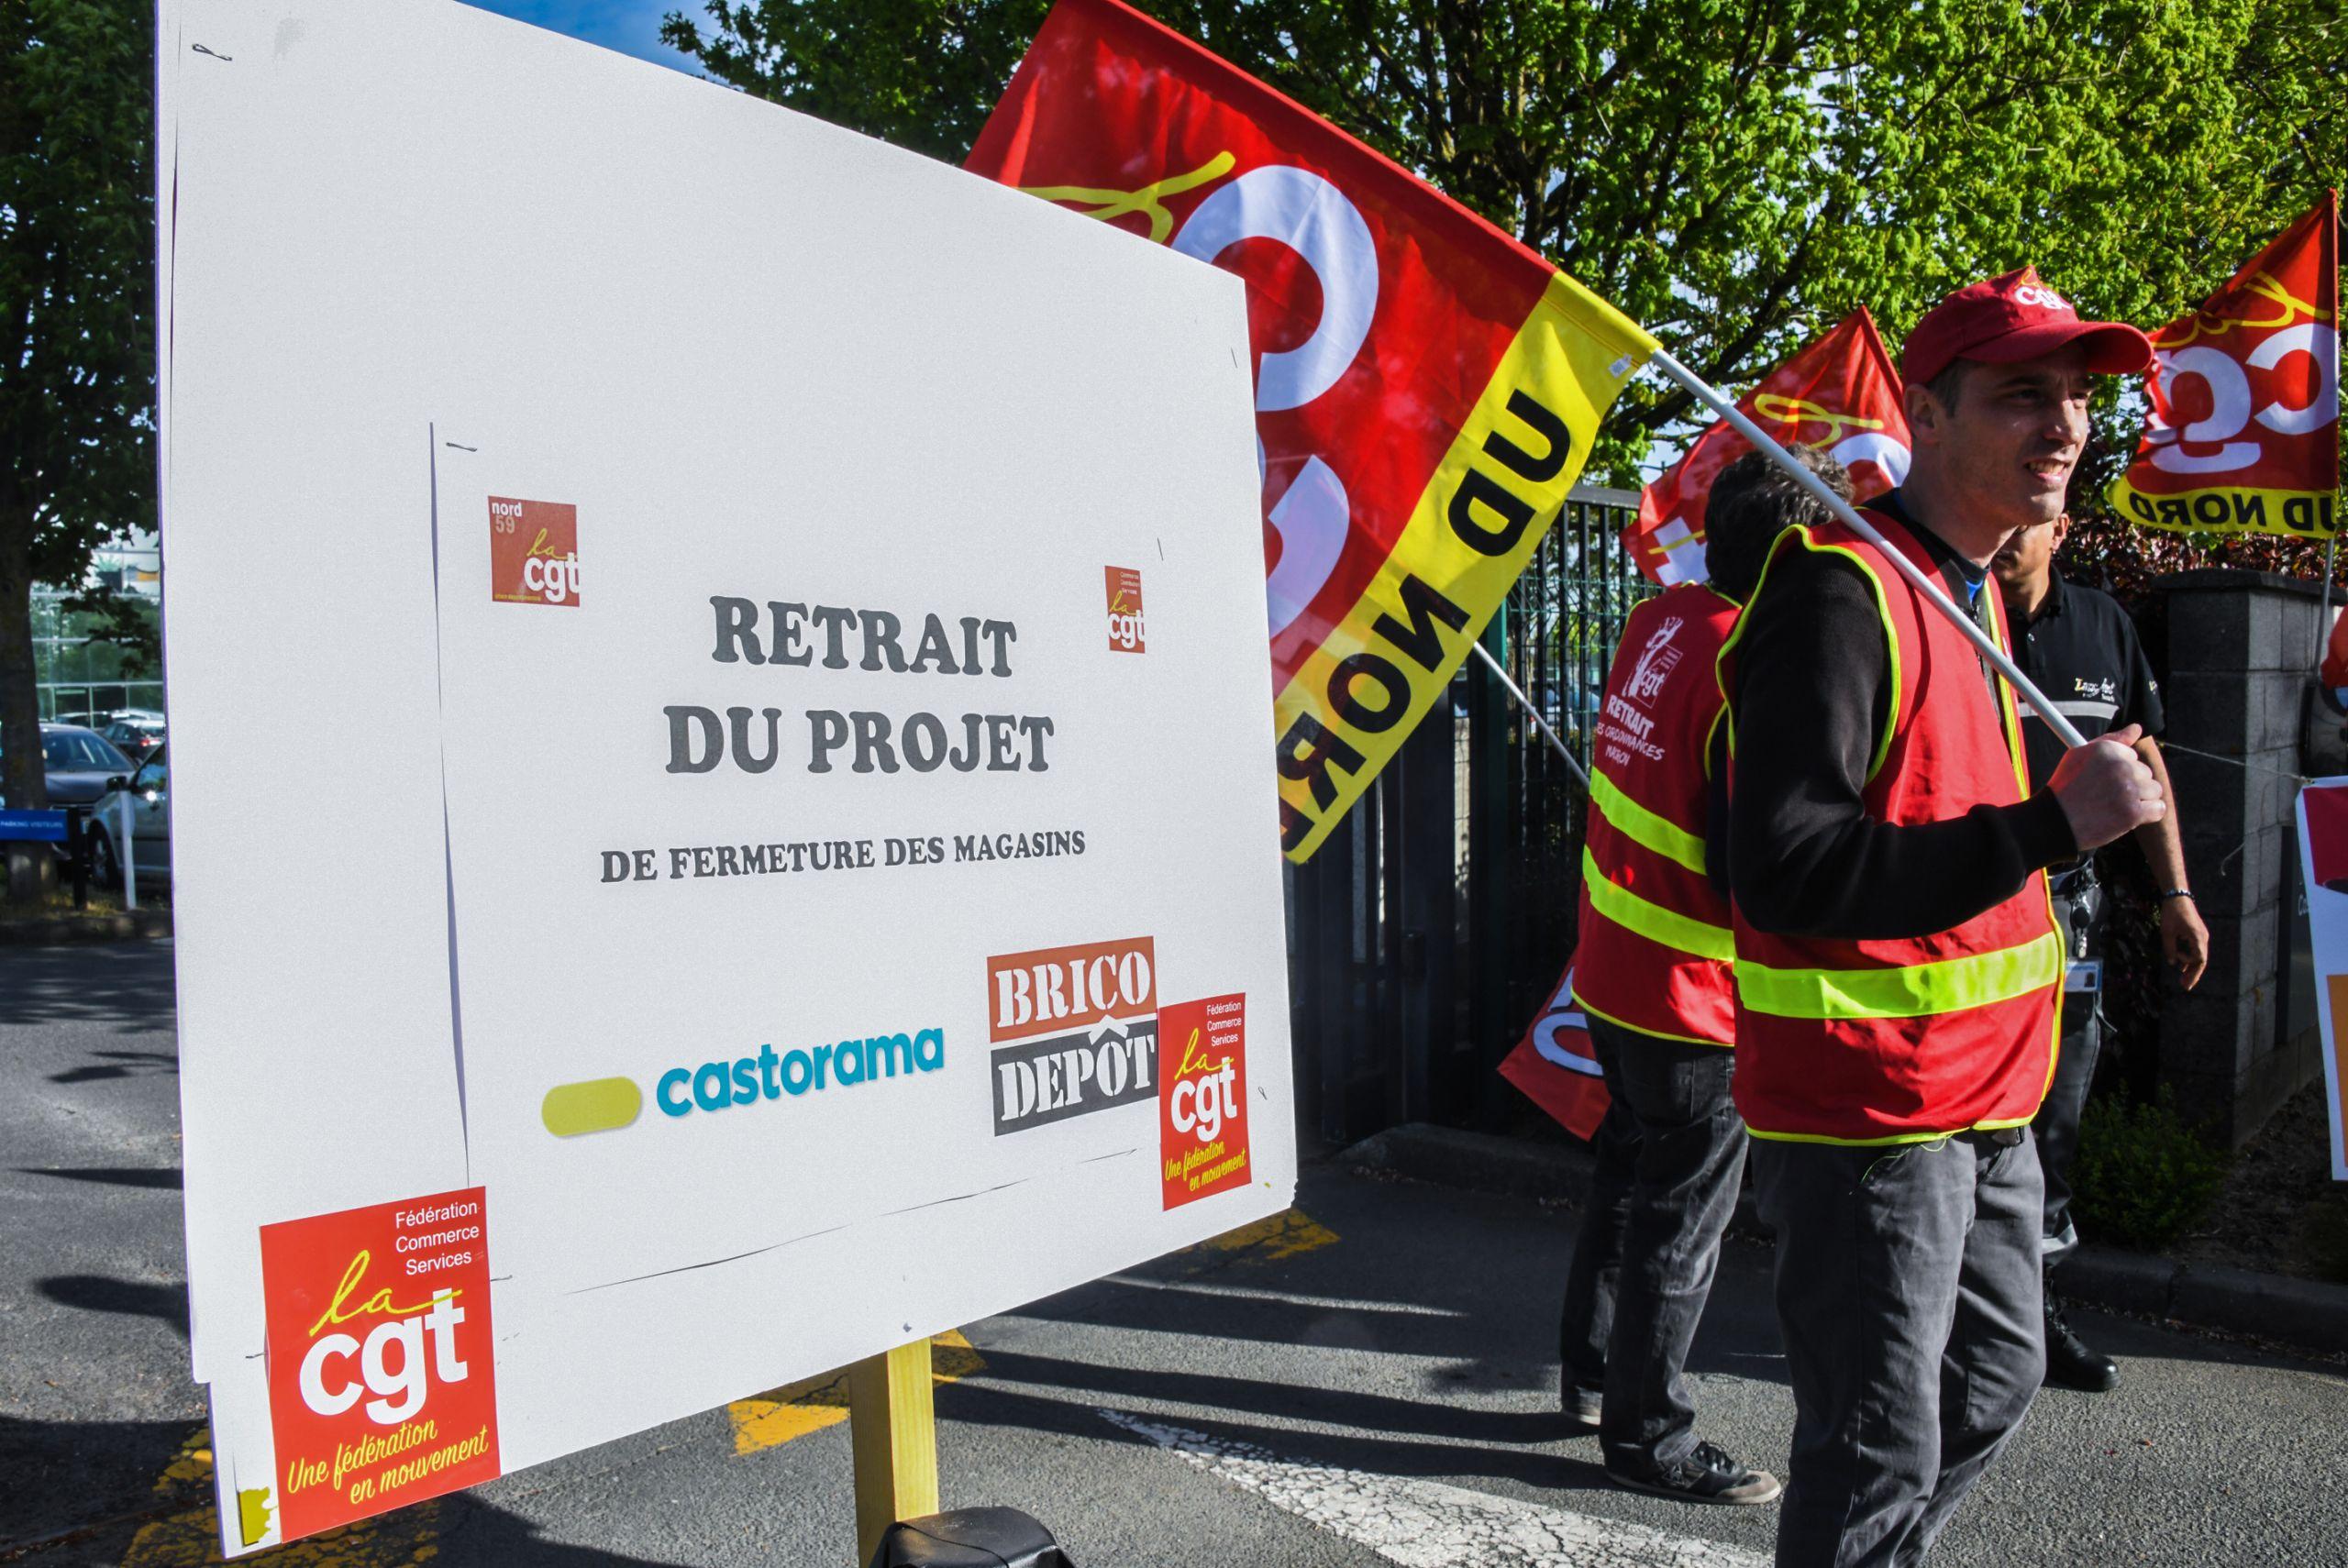 Manifestation contre le plan social chez Castorama Quand on detruit leur emploi on detruit leur vie s insurge un syndicaliste